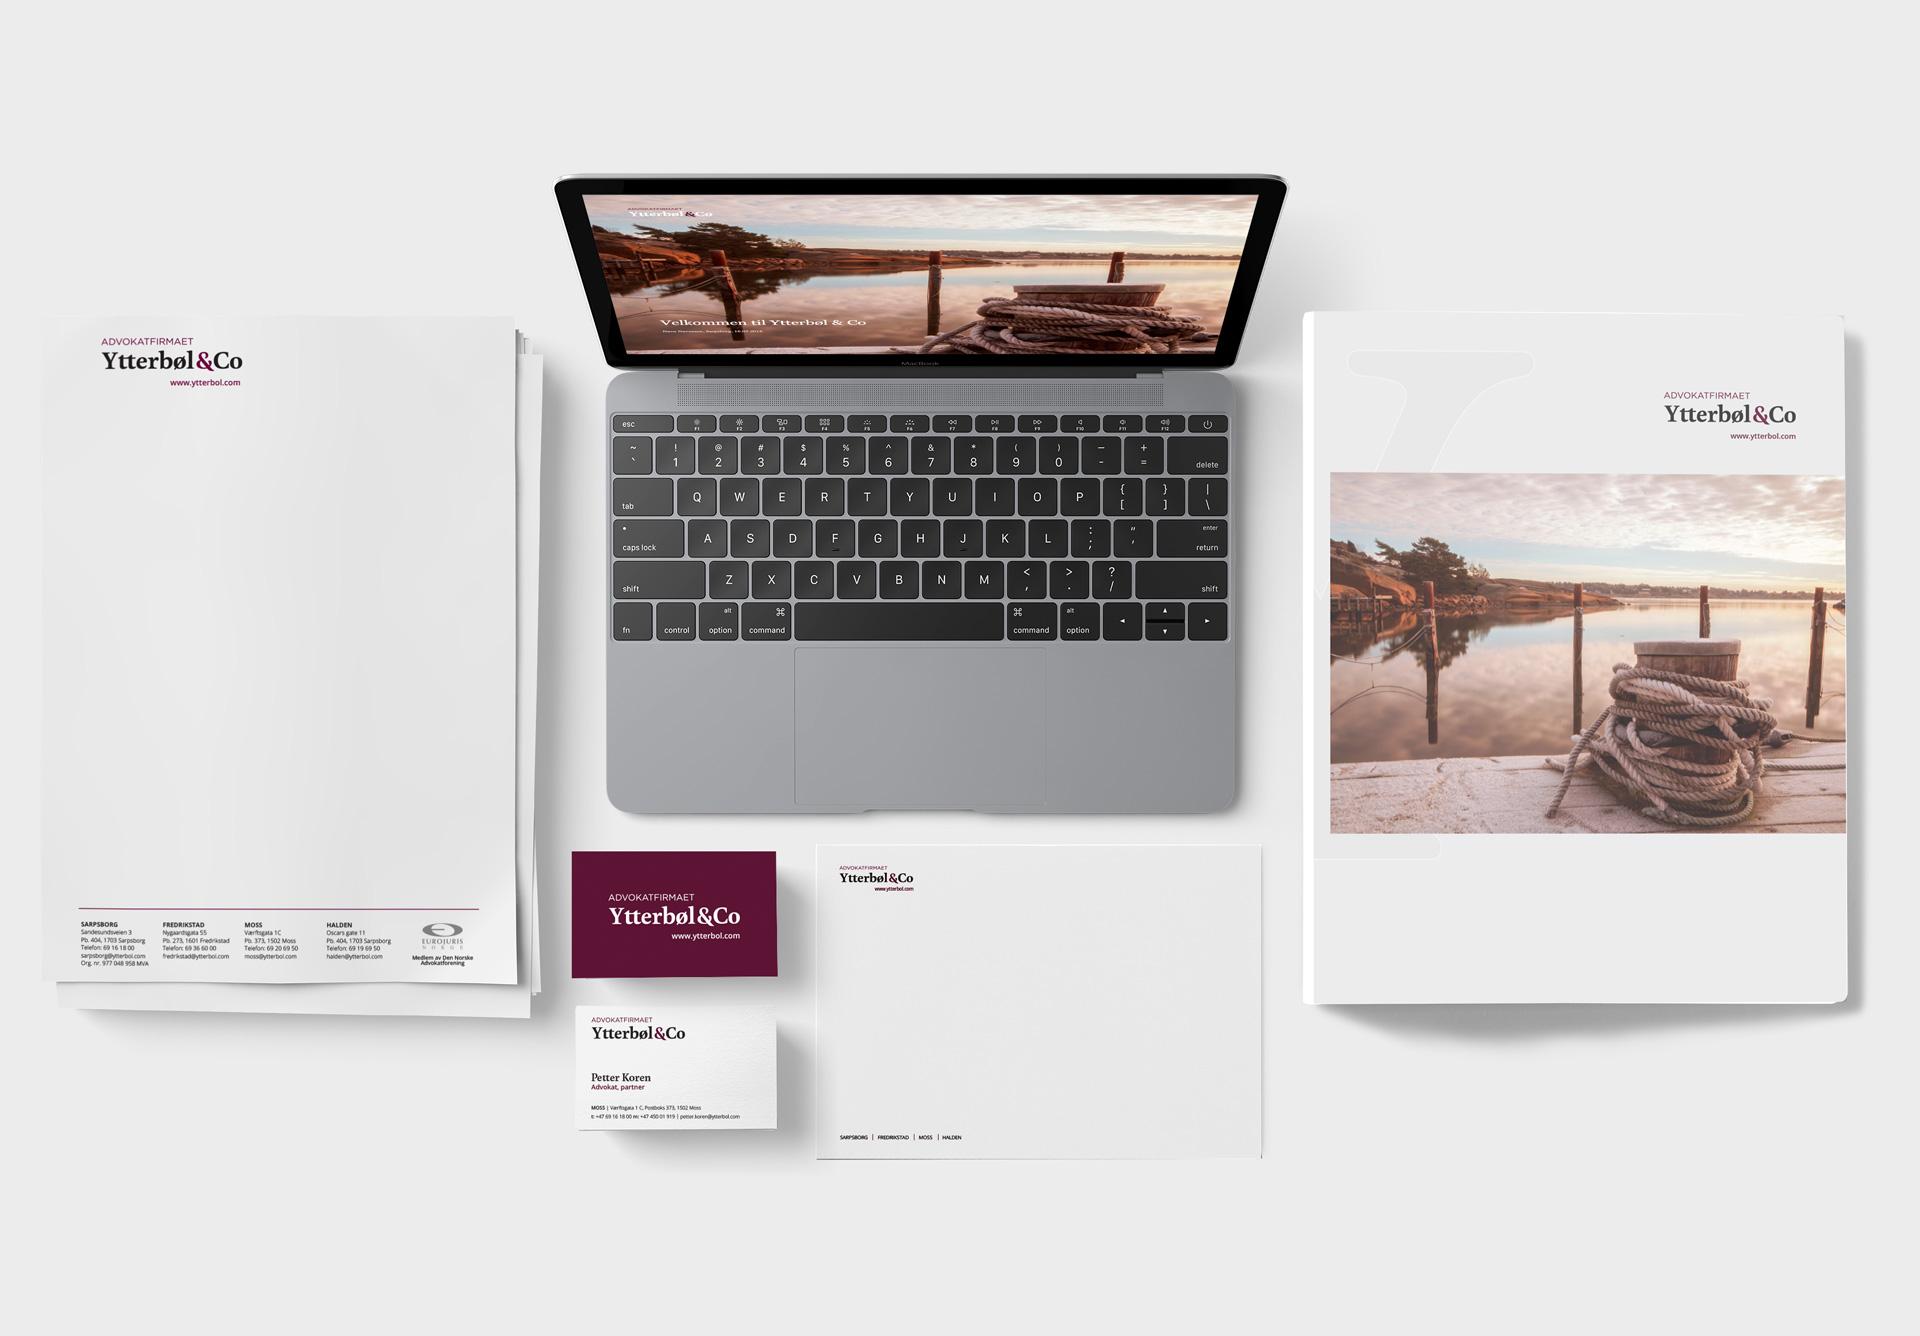 Advokatfirmaet Ytterbøl & Co har redesignet og har nye nettsiderside og profil